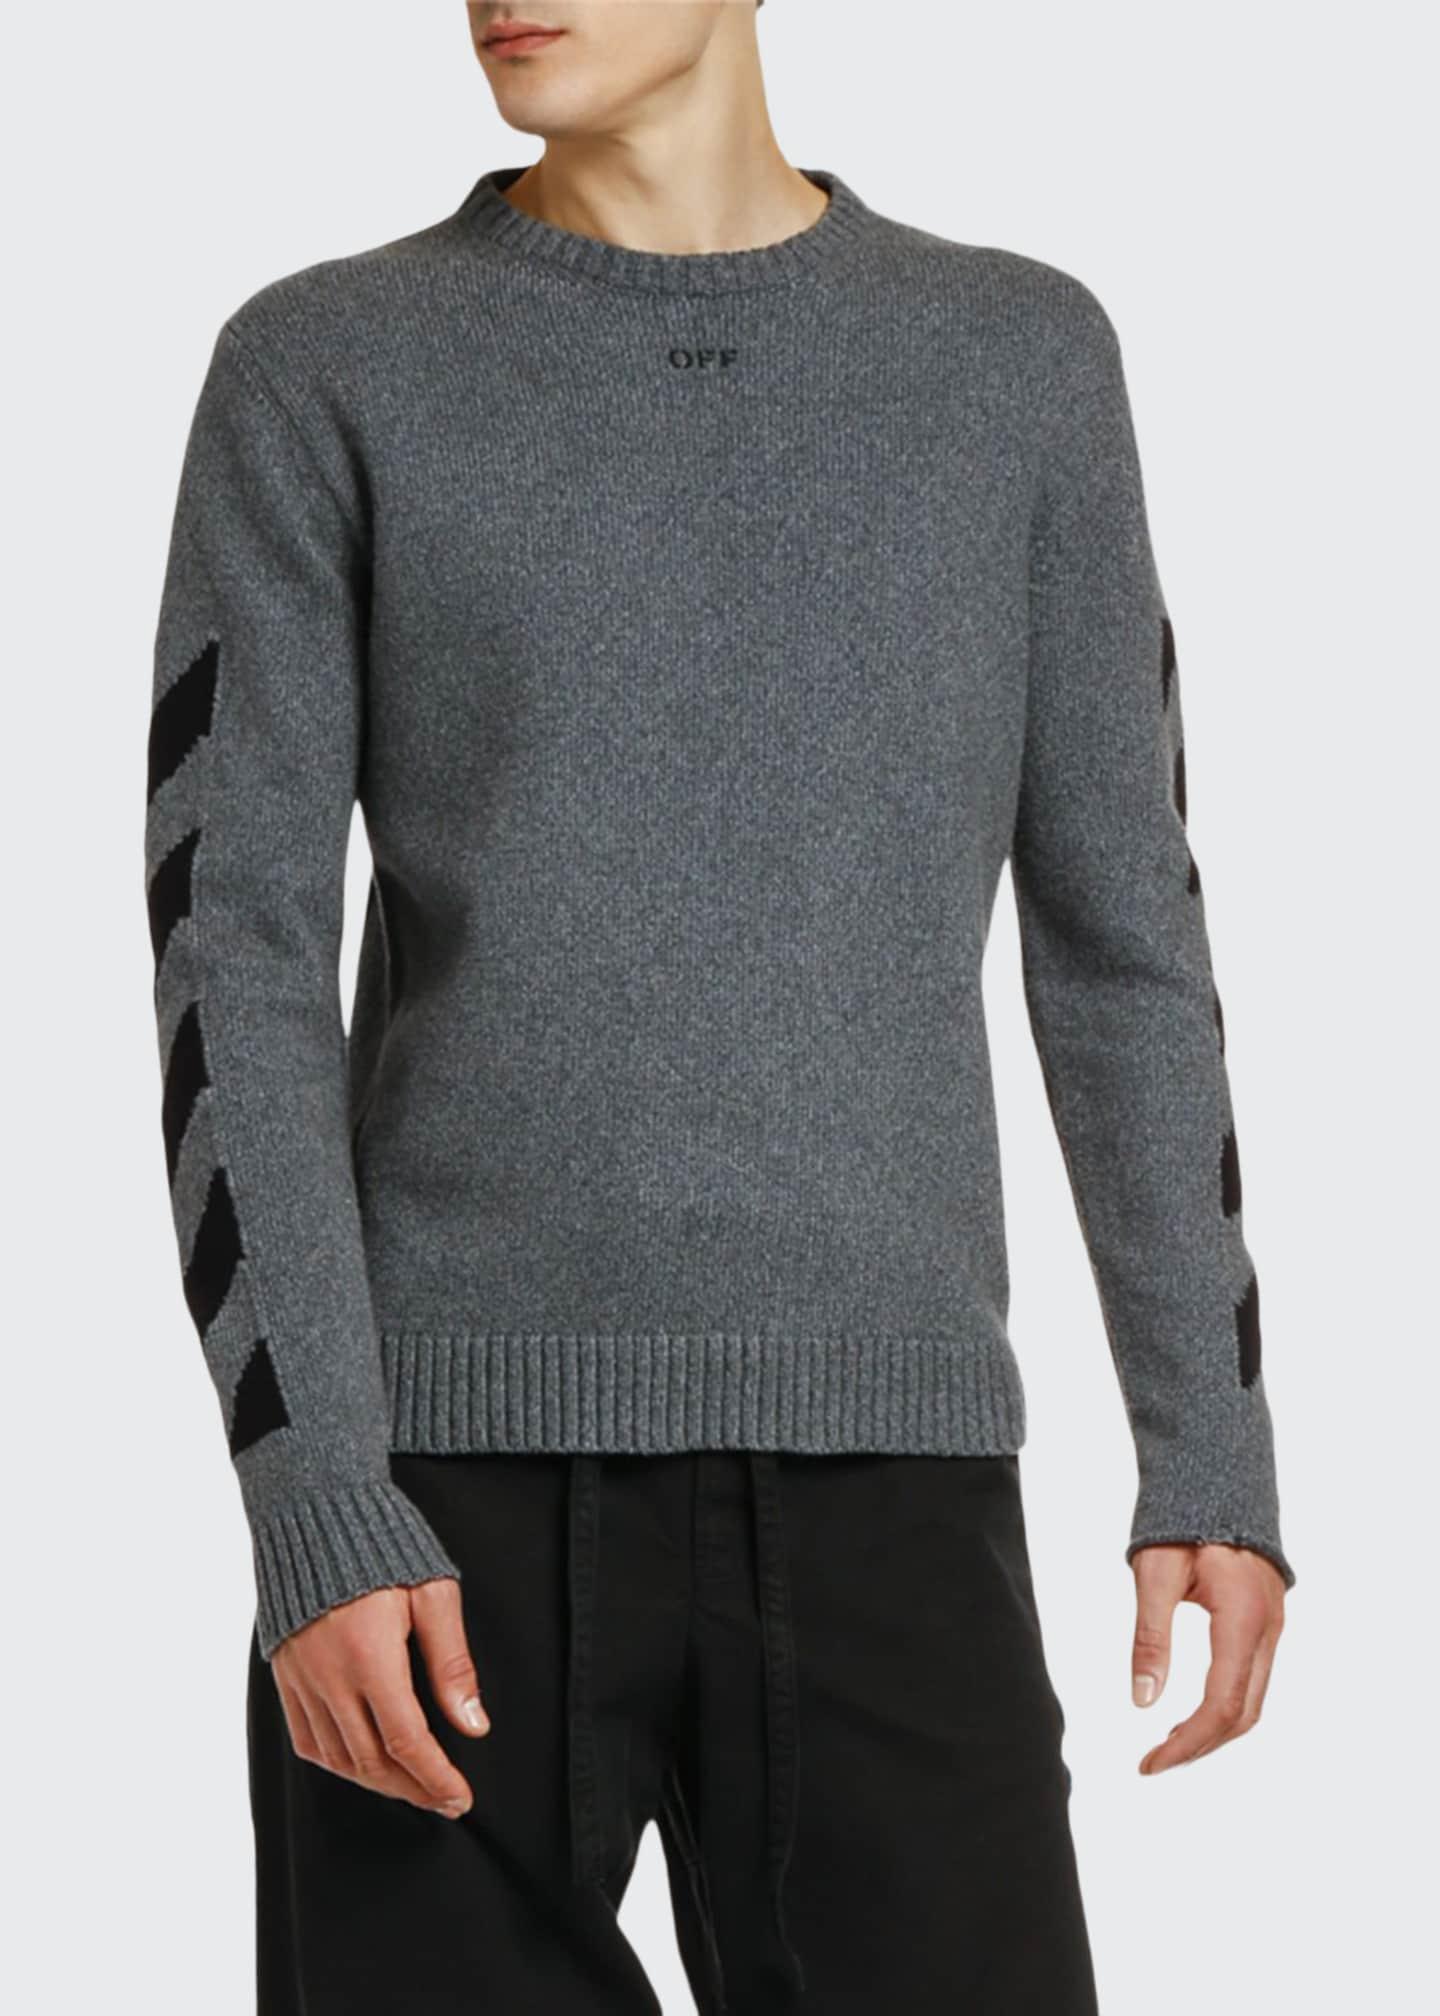 Off-White Men's Arrow Intarsia Knit Raw-Edge Sweater